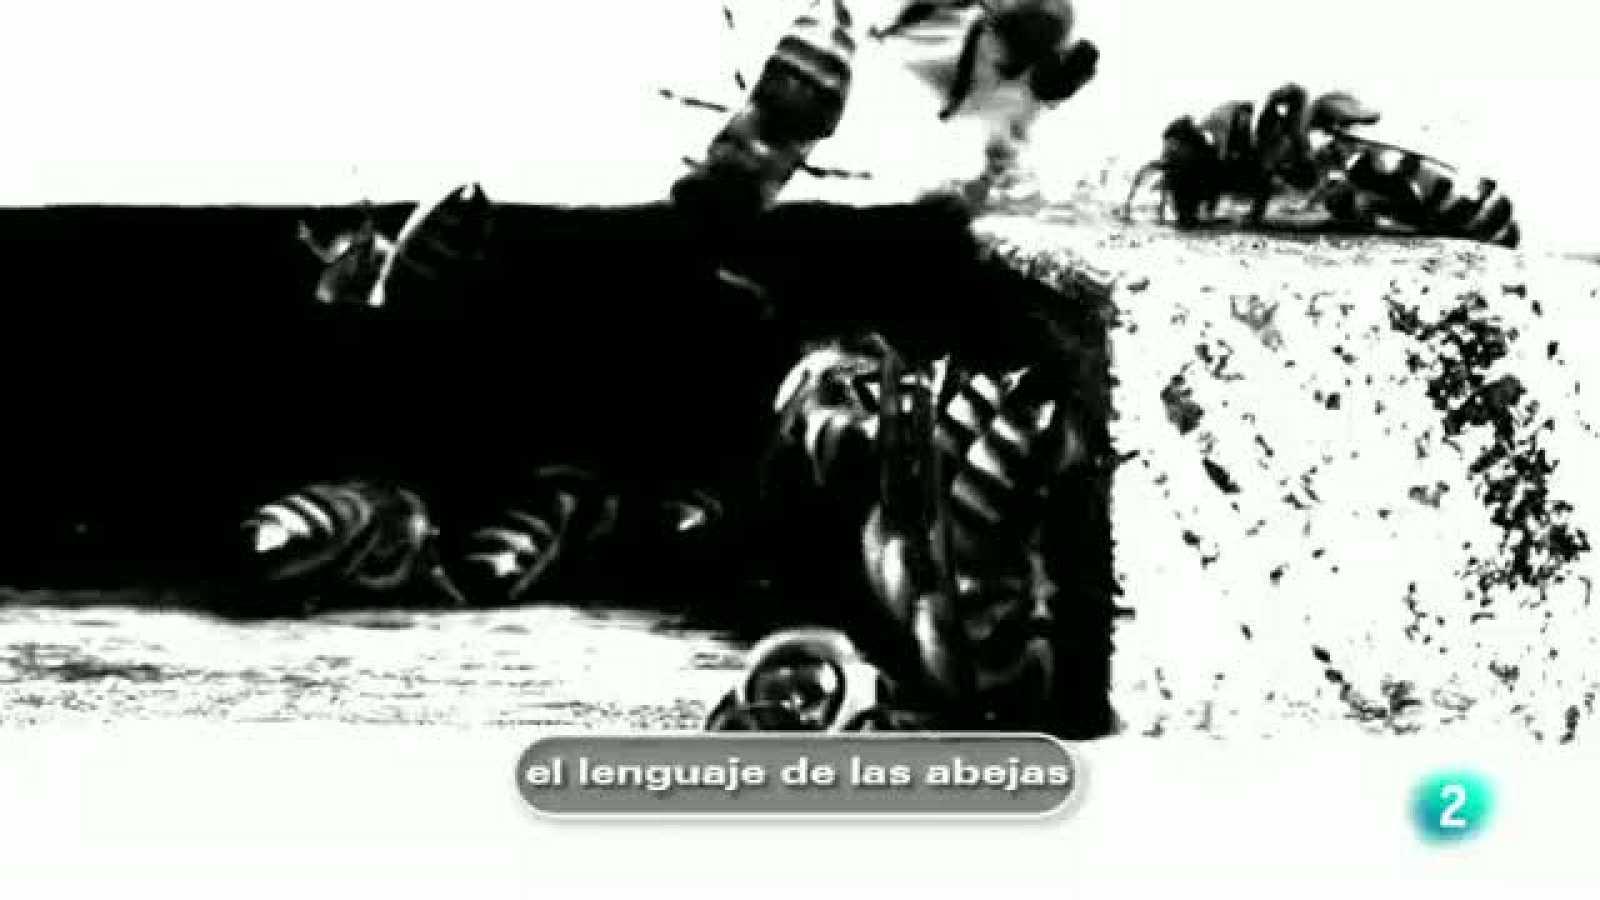 tres14 - Curiosidades científicas - El lenguaje de las abejas